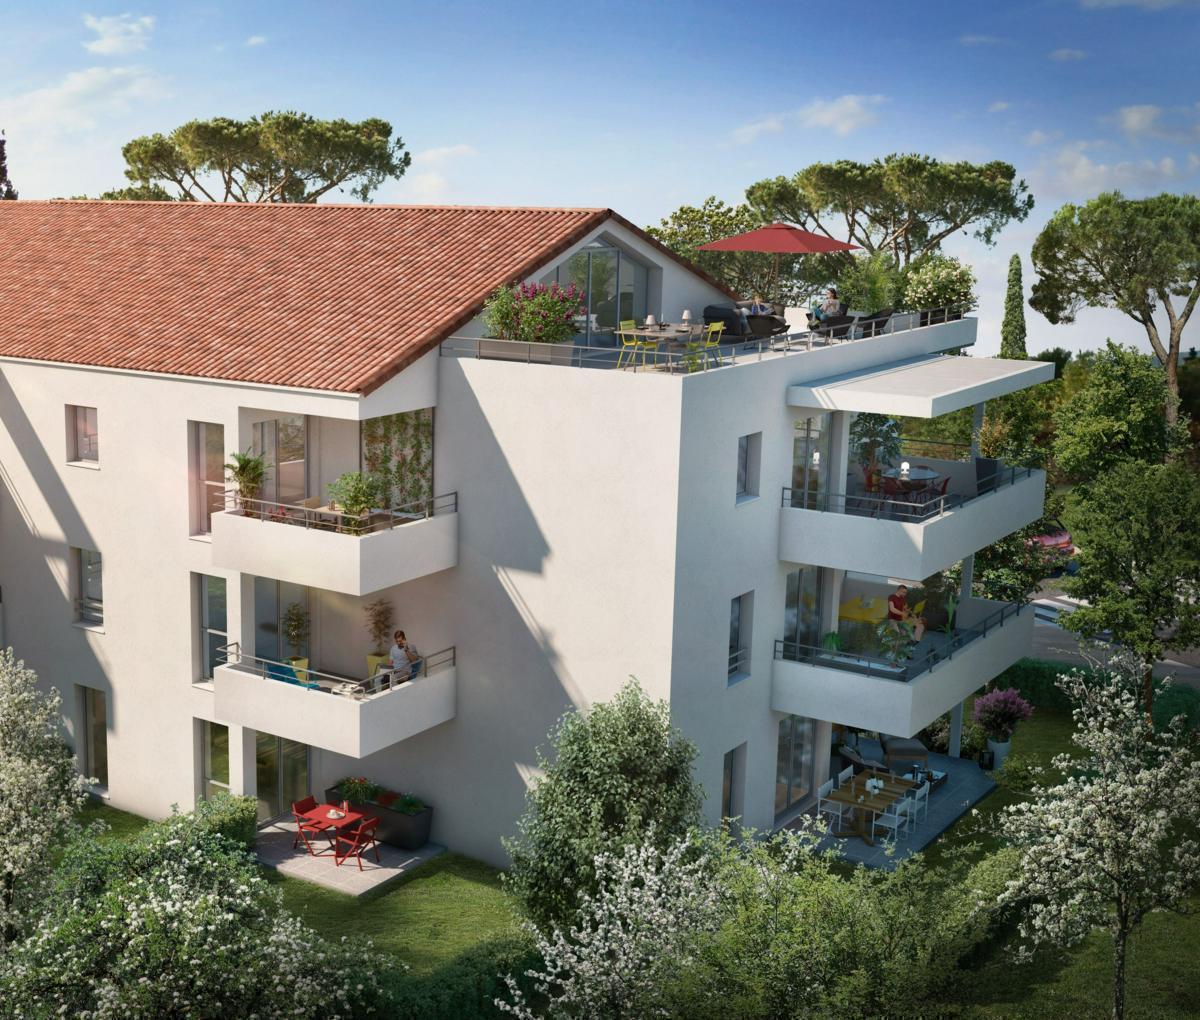 Programme immobilier LES ROCHES BLEUES 13600 LA CIOTAT